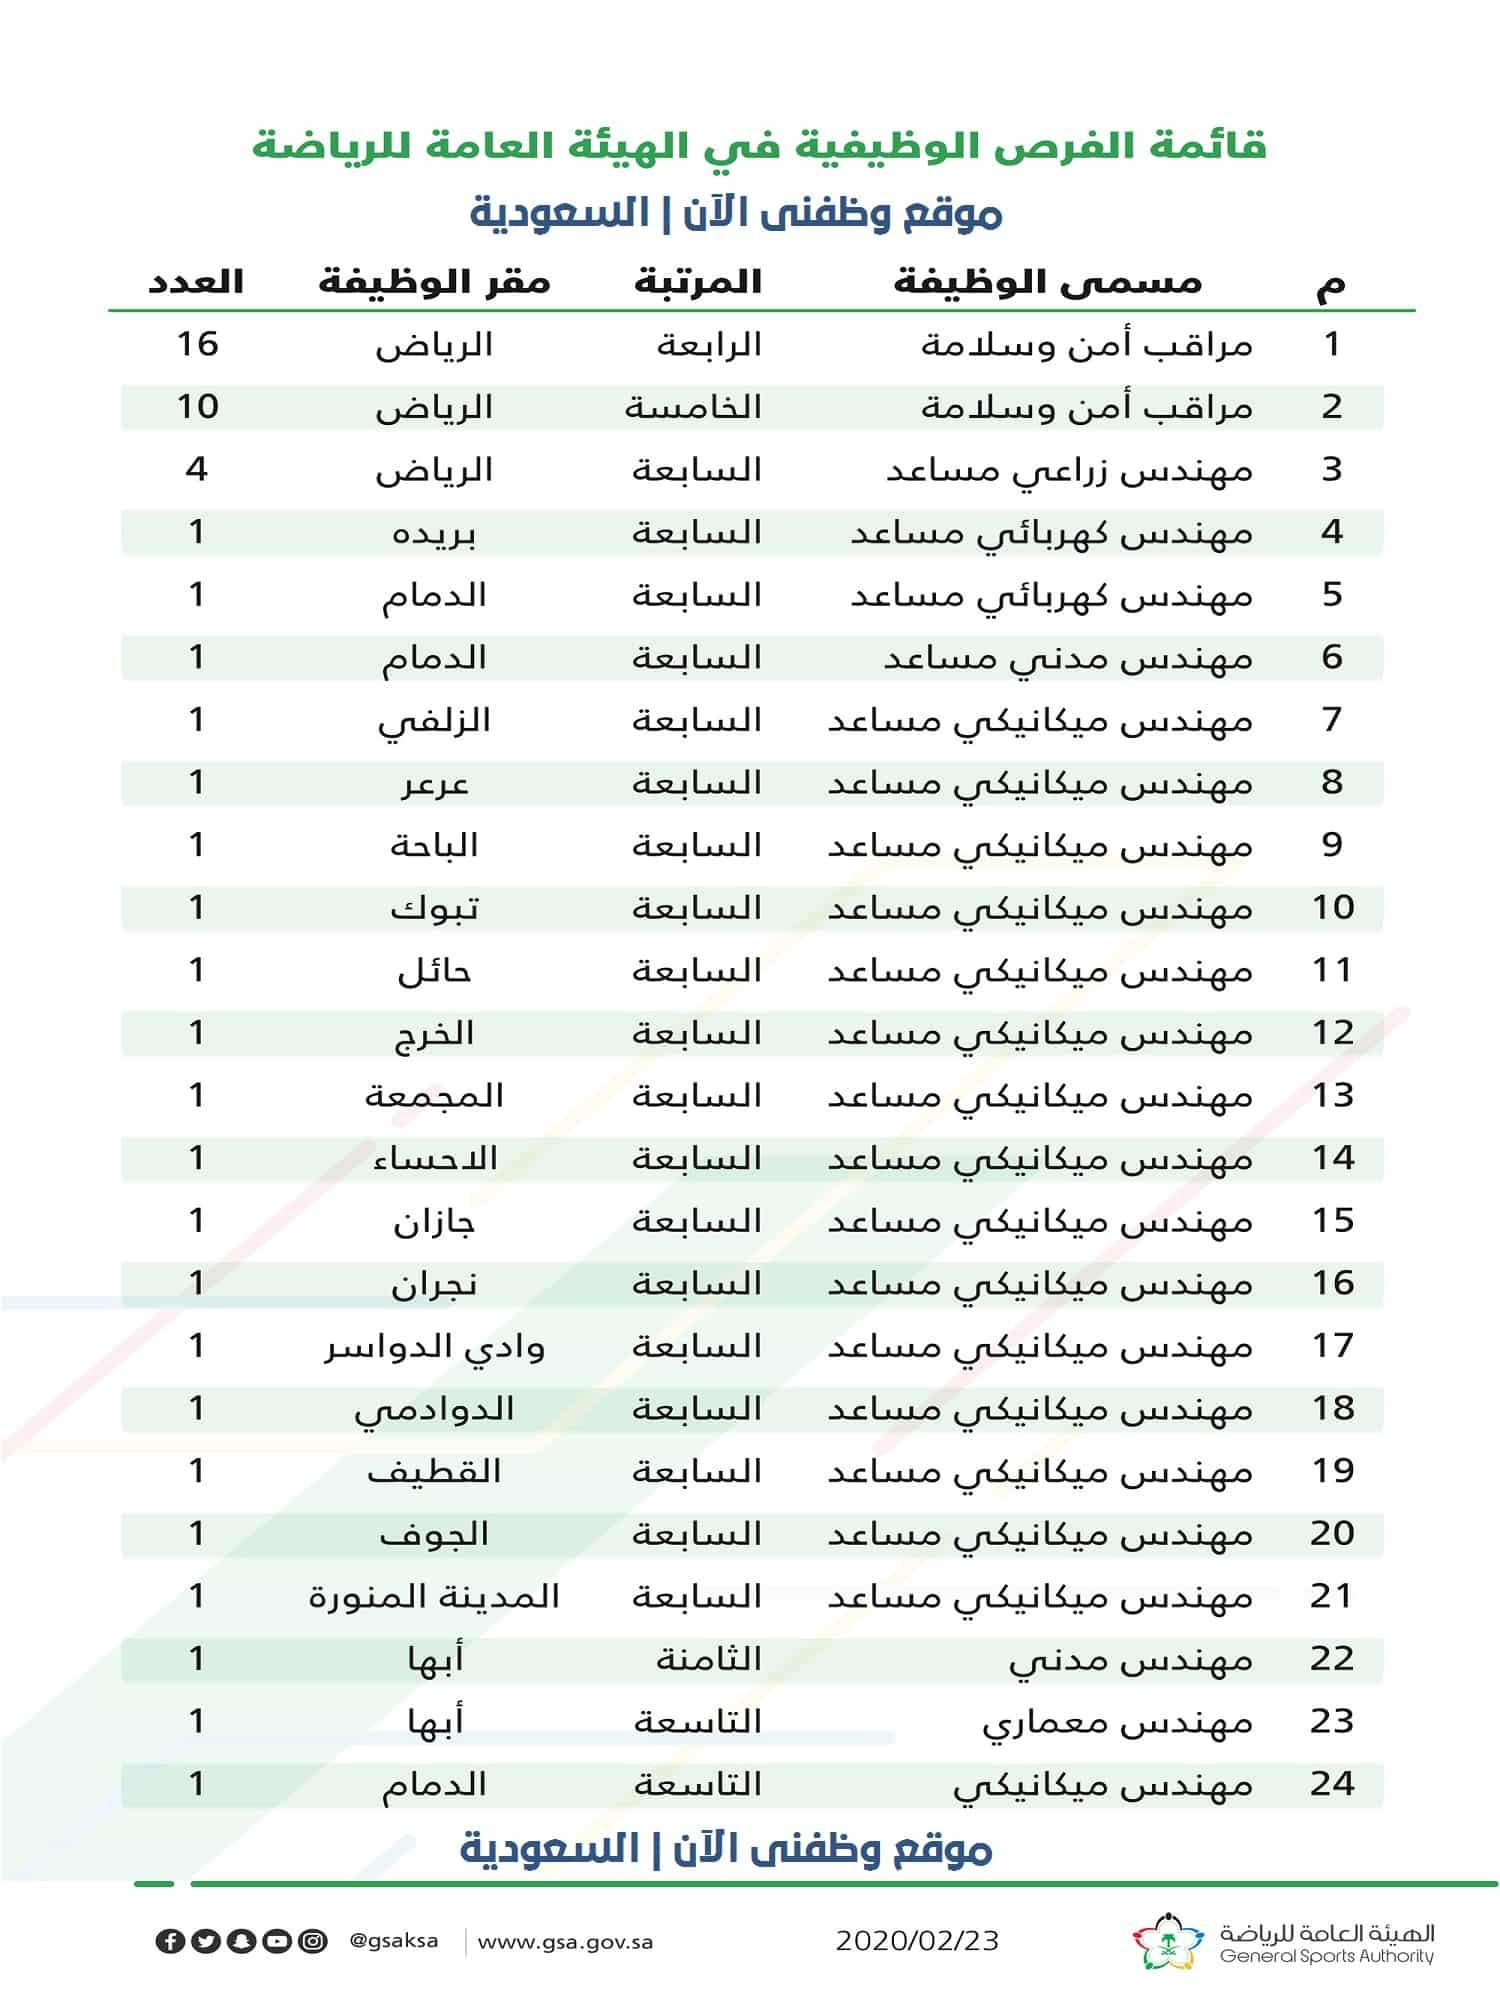 وزارة الرياضة تعلن عن توفر 51 فرصة وظيفية وظفني الان